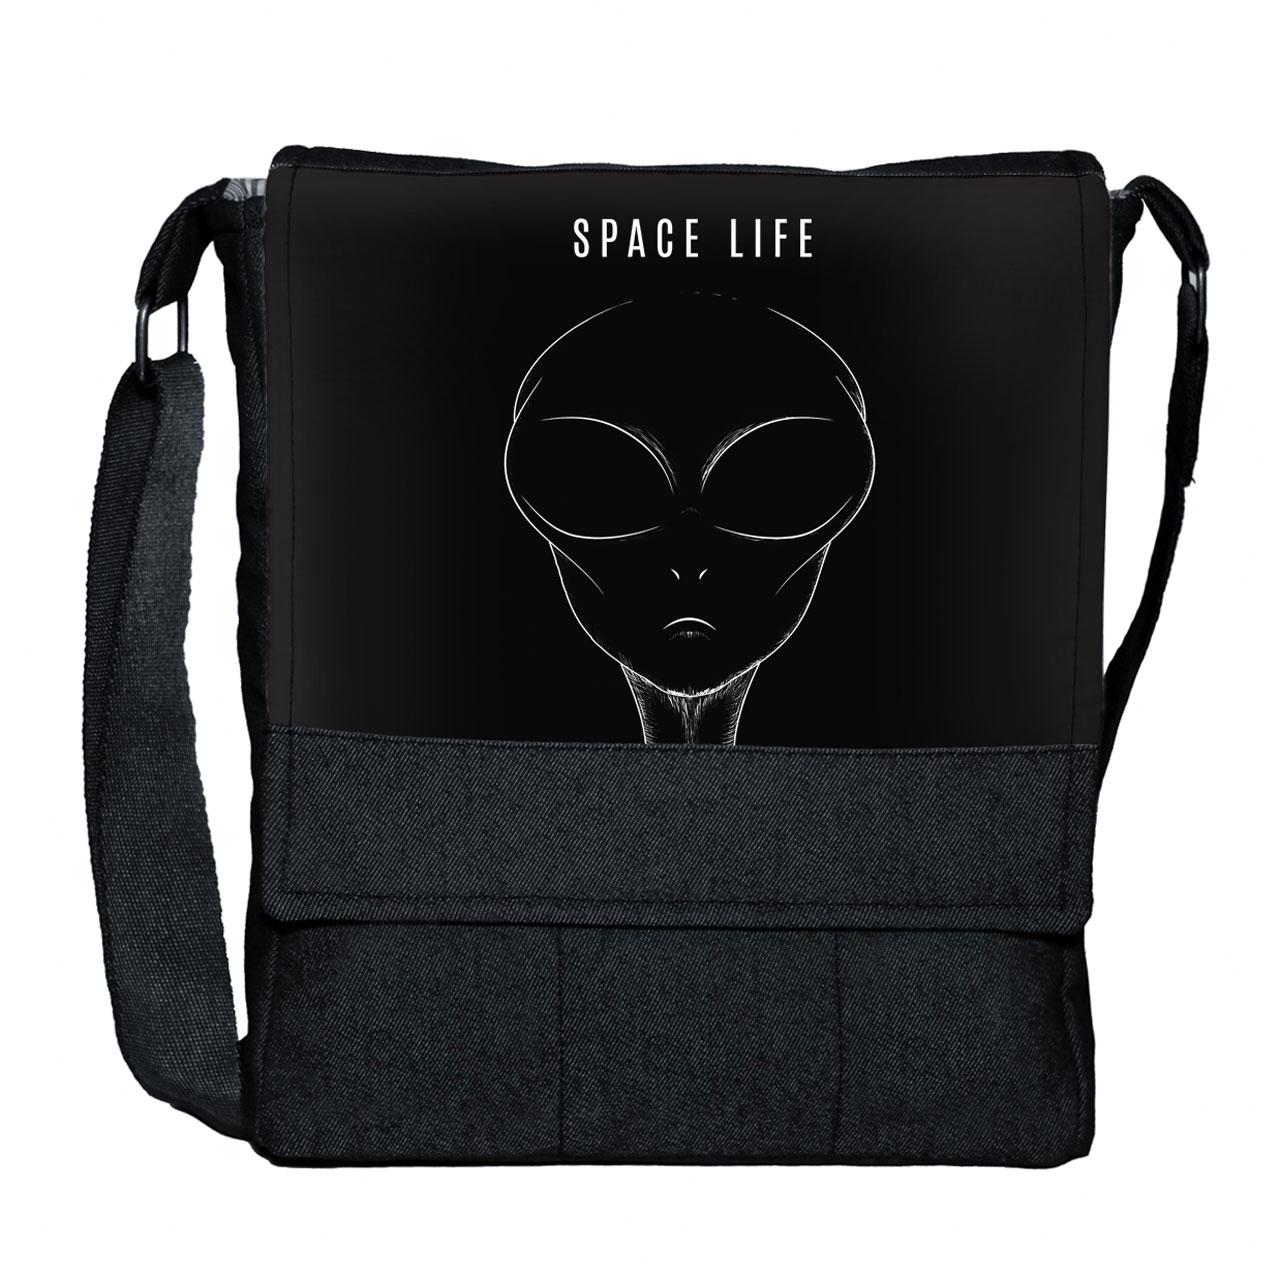 کیف دوشی گالری چی چاپ طرح alien space life کد 65822